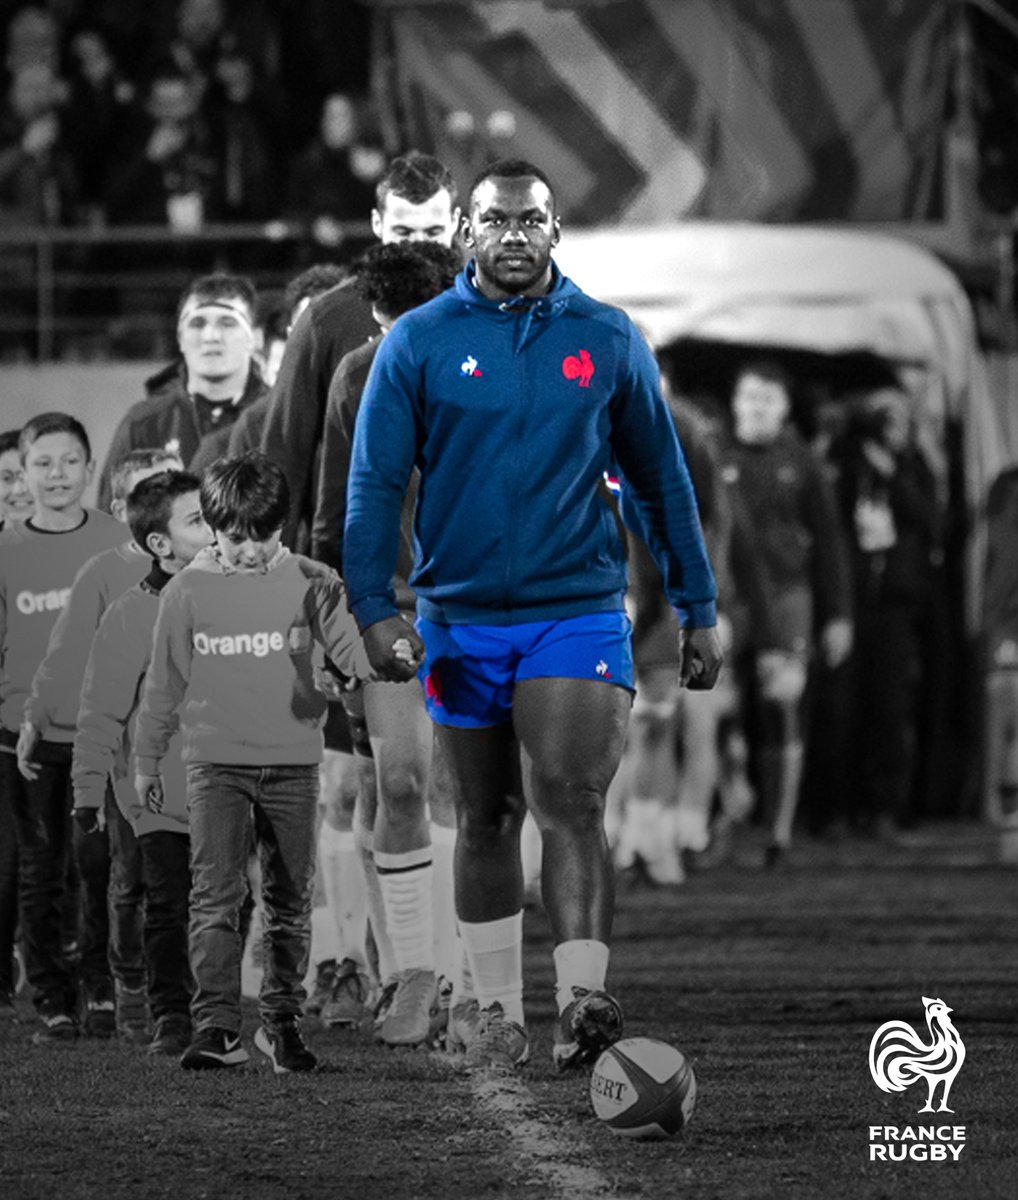 🎉 Notre capitaine de #FranceU20, double #ChampionDuMonde avec les Bleuets fête ses 20 ans aujourdhui ! Joyeux anniversaire @jordan_joseph8 ! 😘